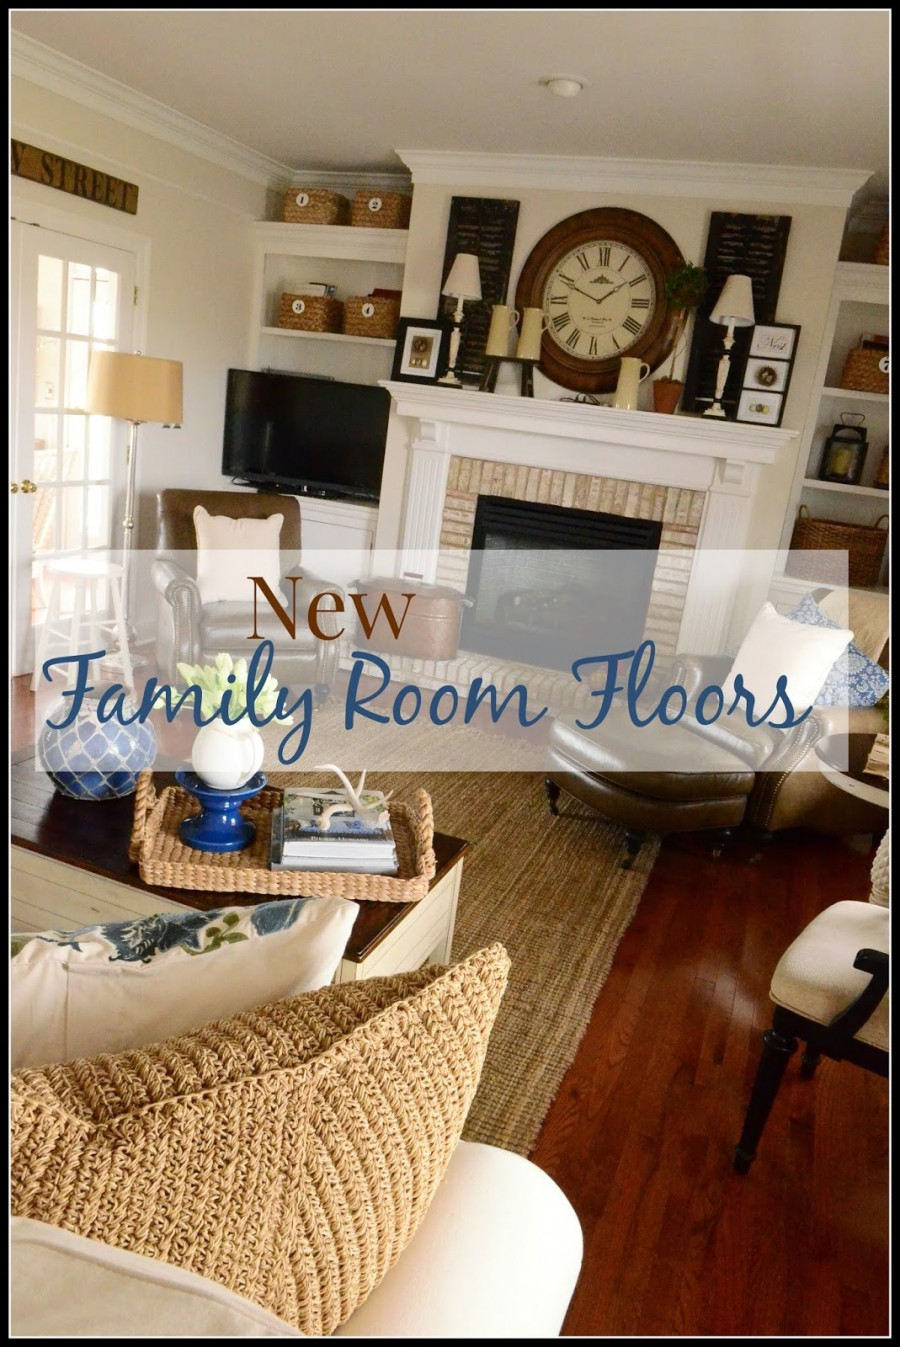 NEW HARDWOOD FLOORS IN THE FAMILY ROOM